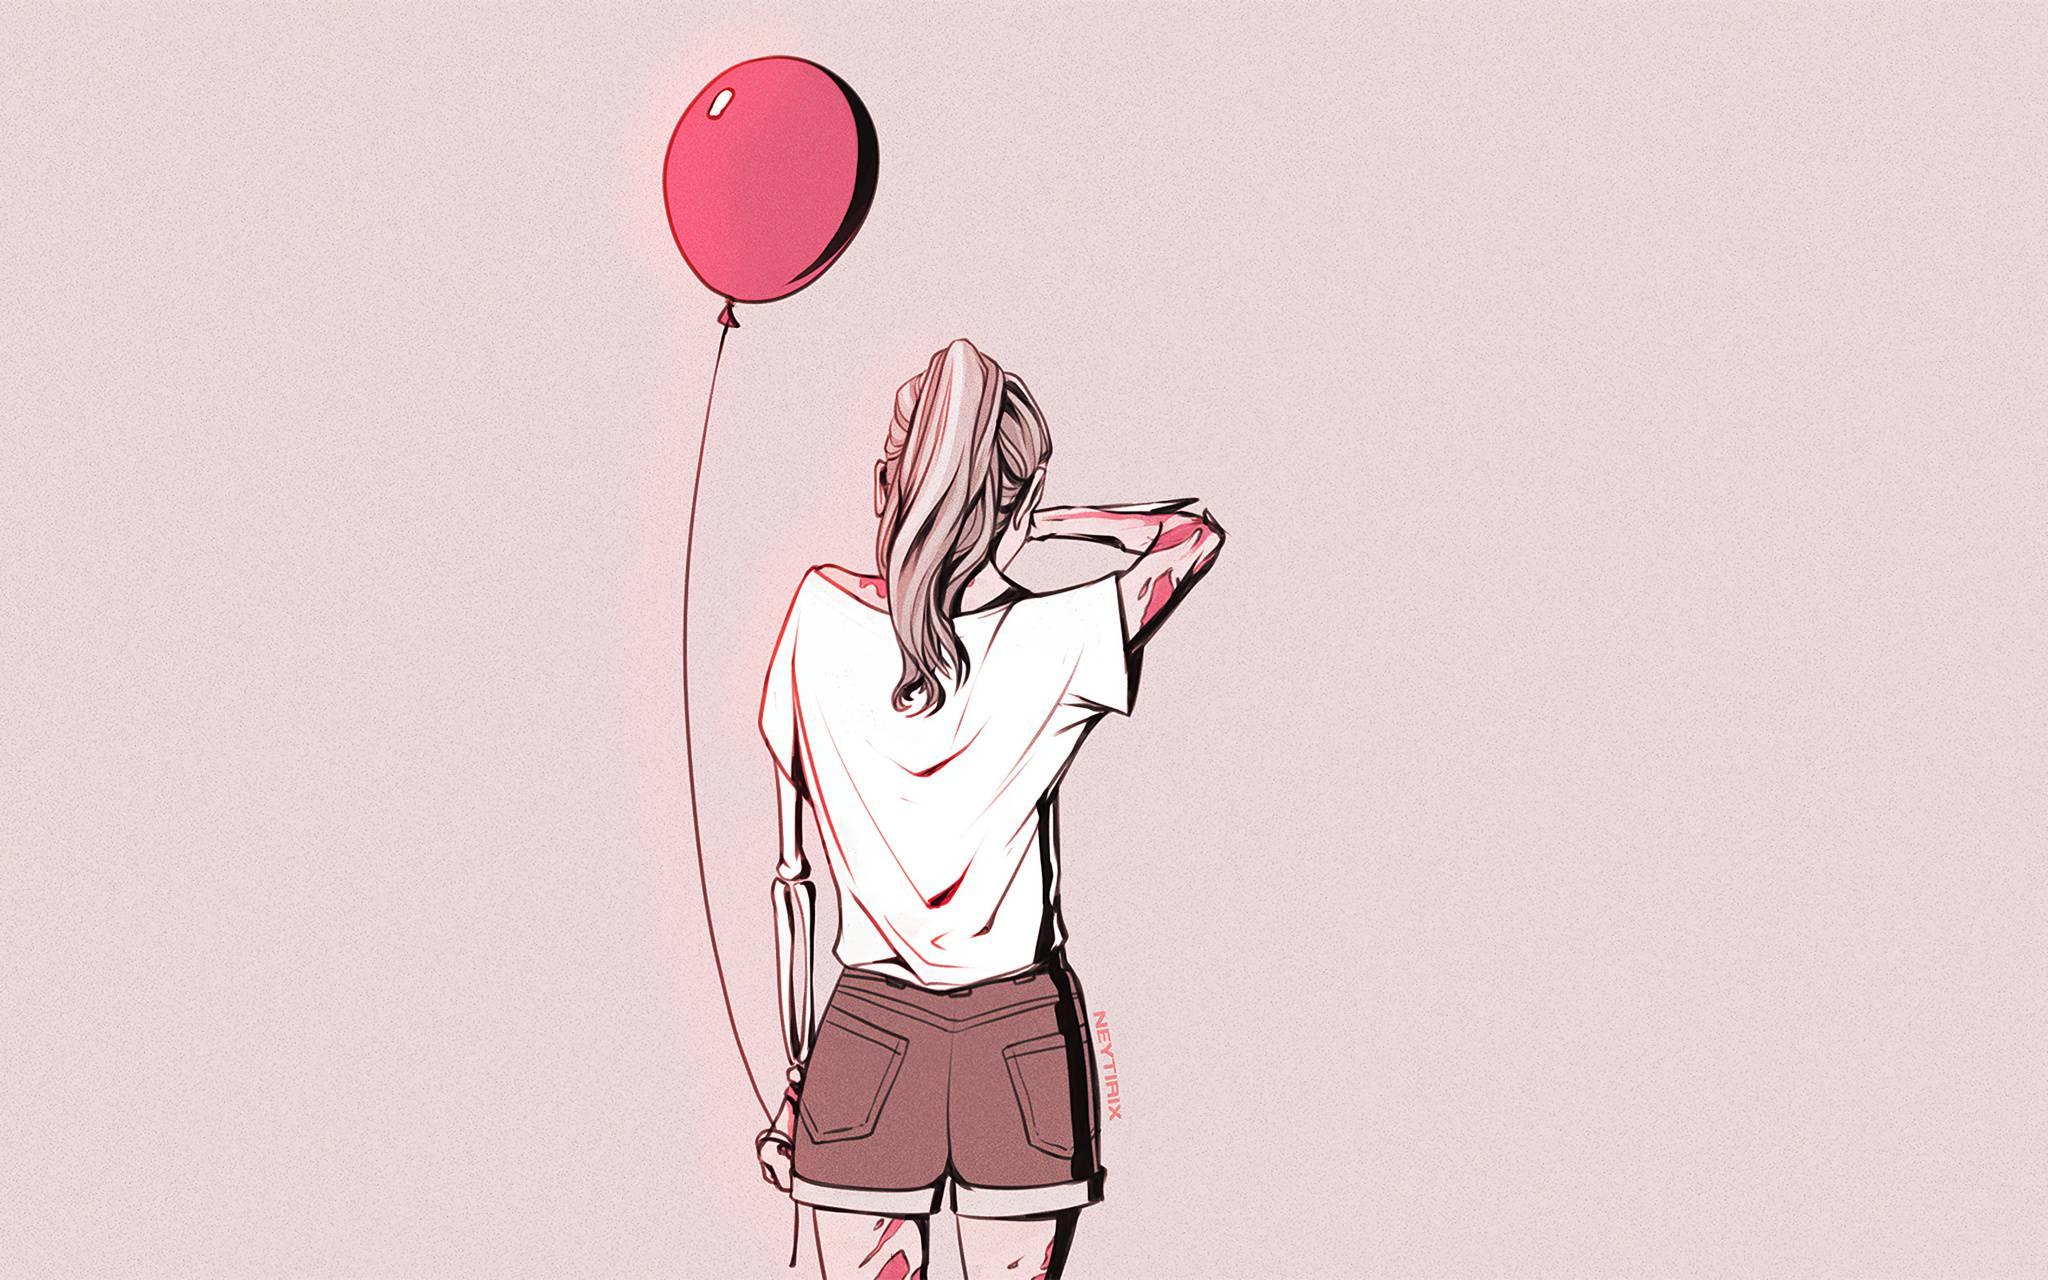 Crying Girl balloon